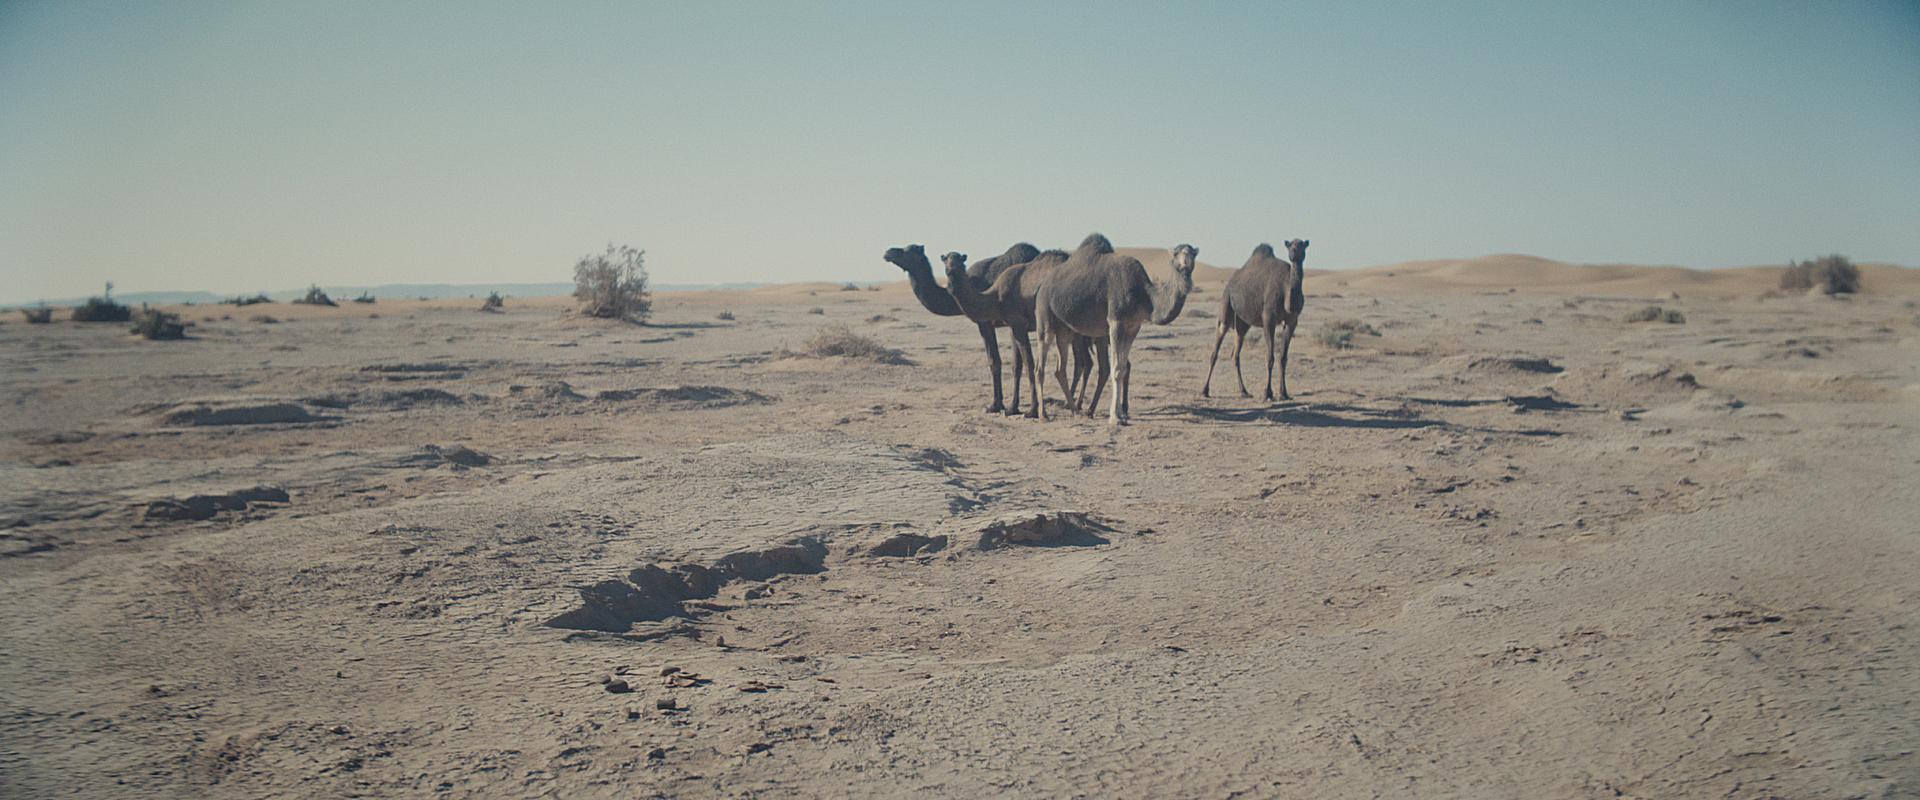 Morocco_Stills3_2.17.1.jpg